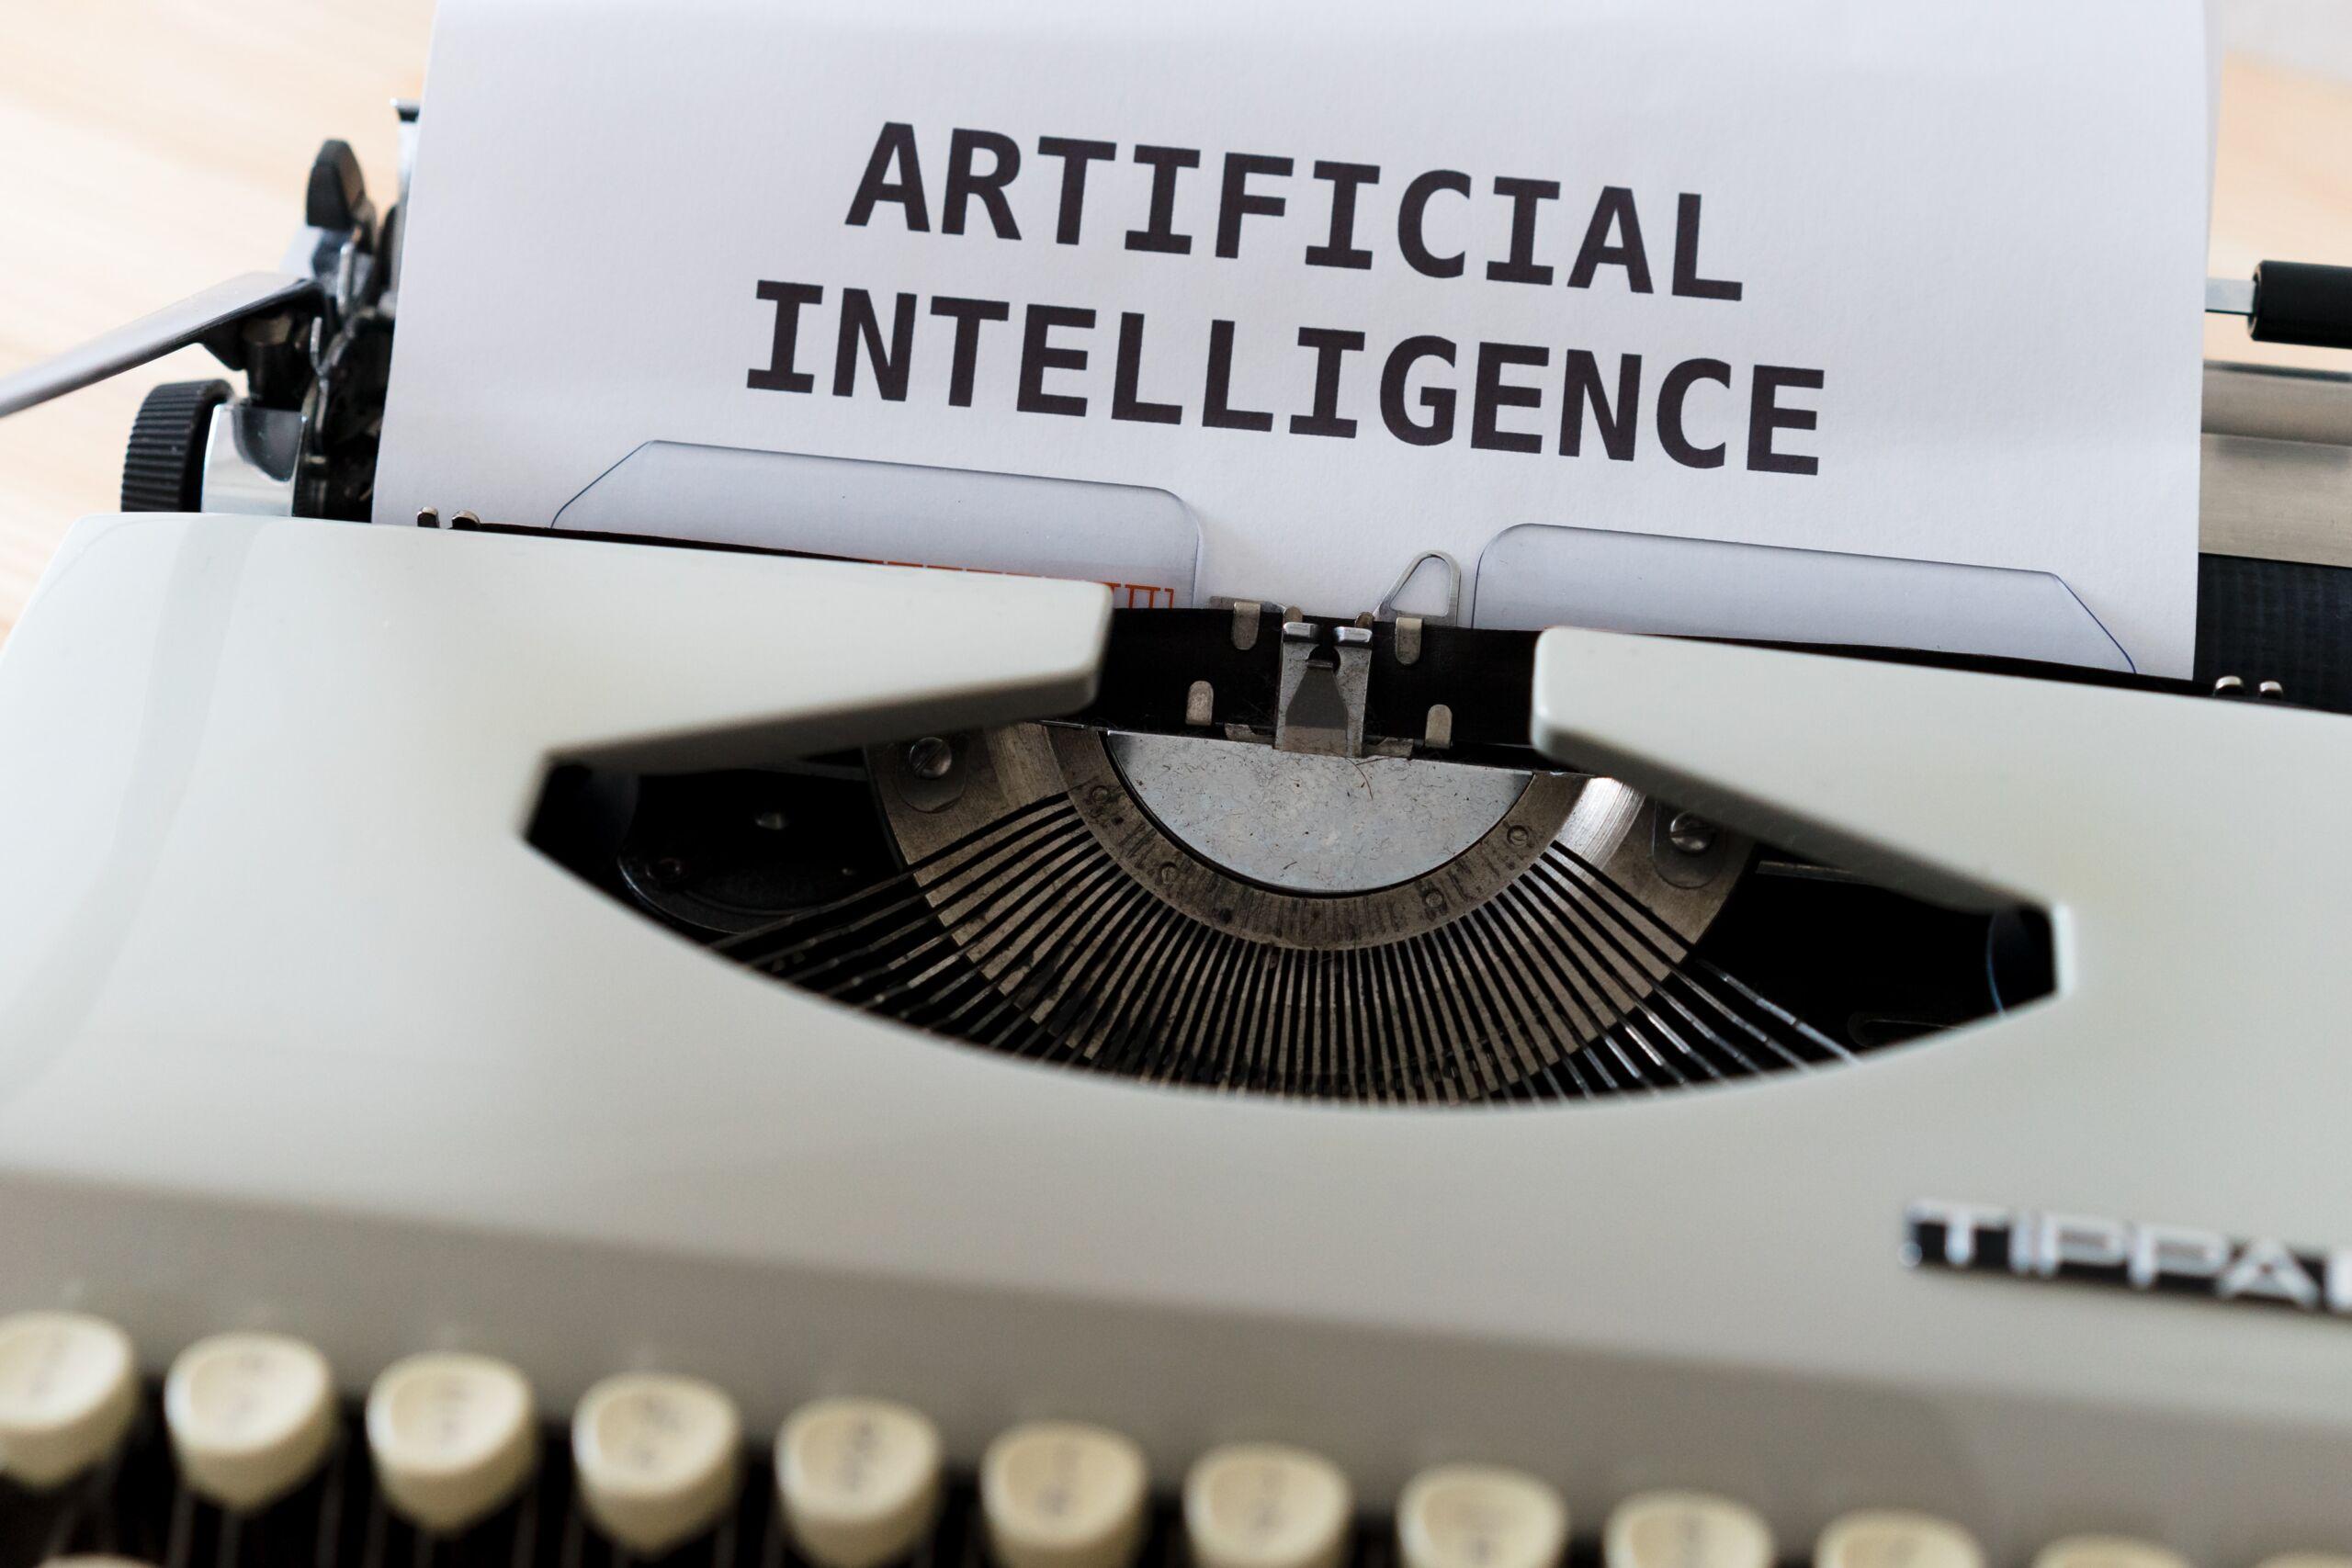 La inteligencia artificial potencia la moda circular-gabrielfariasiribarren.com